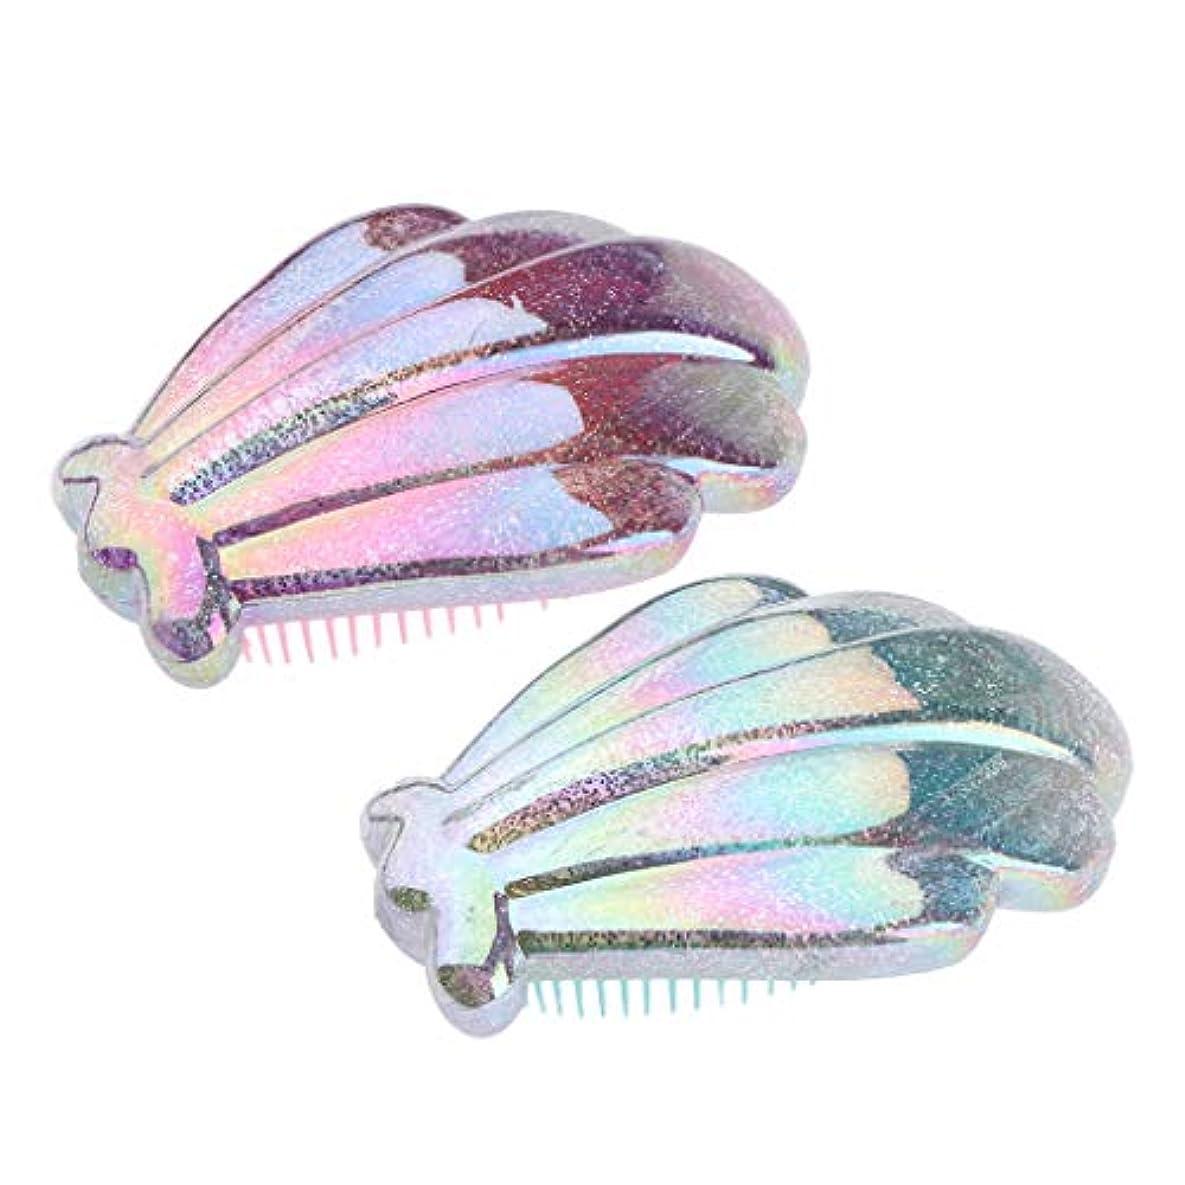 柱マーキング増幅するPerfeclan 2個入 ヘアブラシ クッションブラシ コーム 櫛 ヘアケア 髪 美髪ケア 静電気防止 頭皮マッサージ